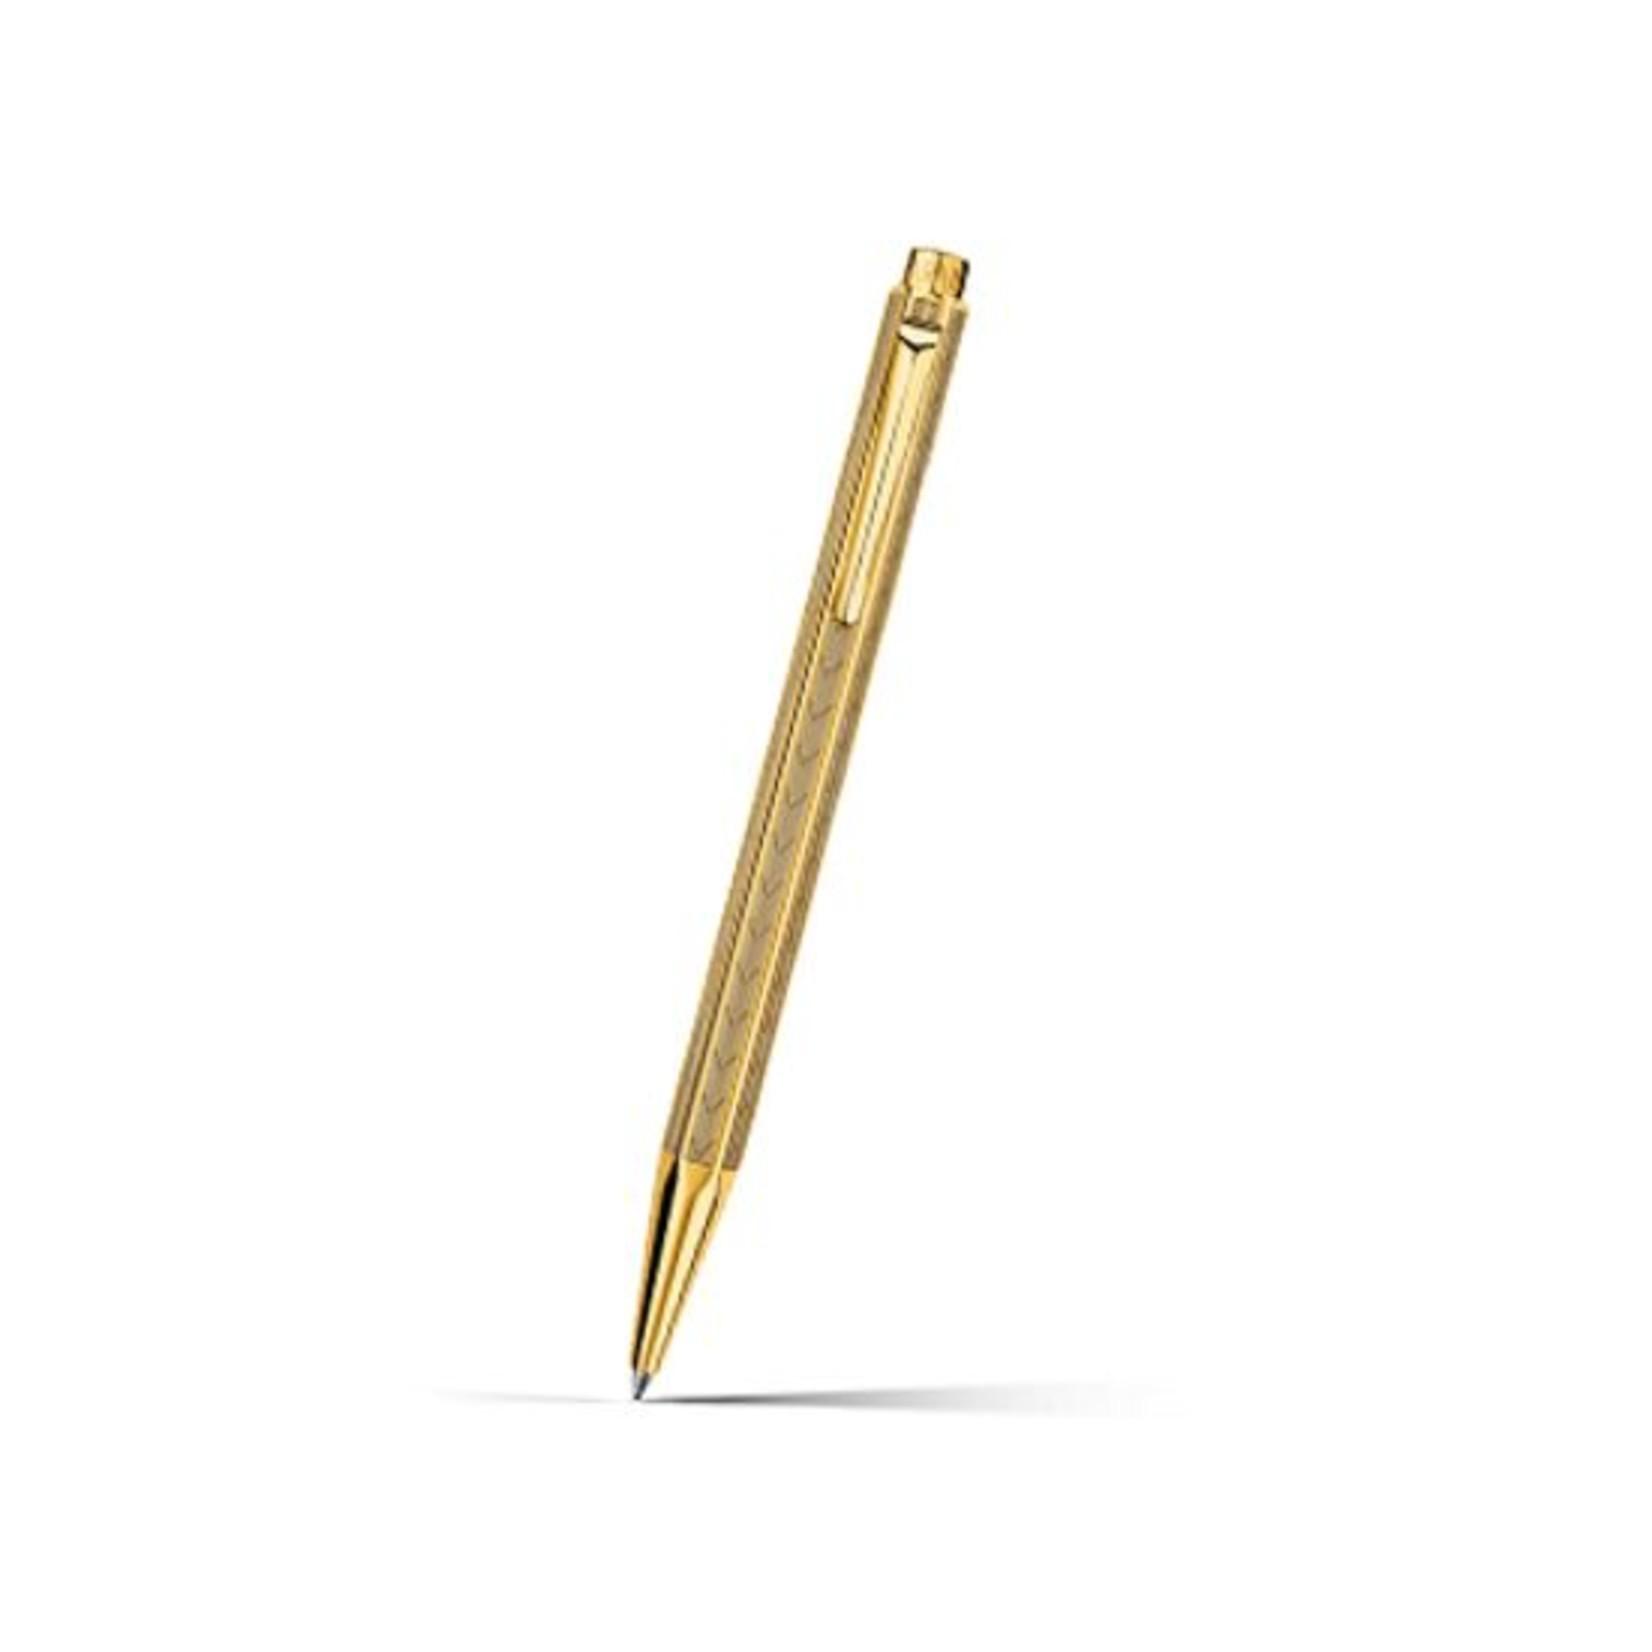 Caran d'Ache Ecridor Chevron Kugelschreiber gold